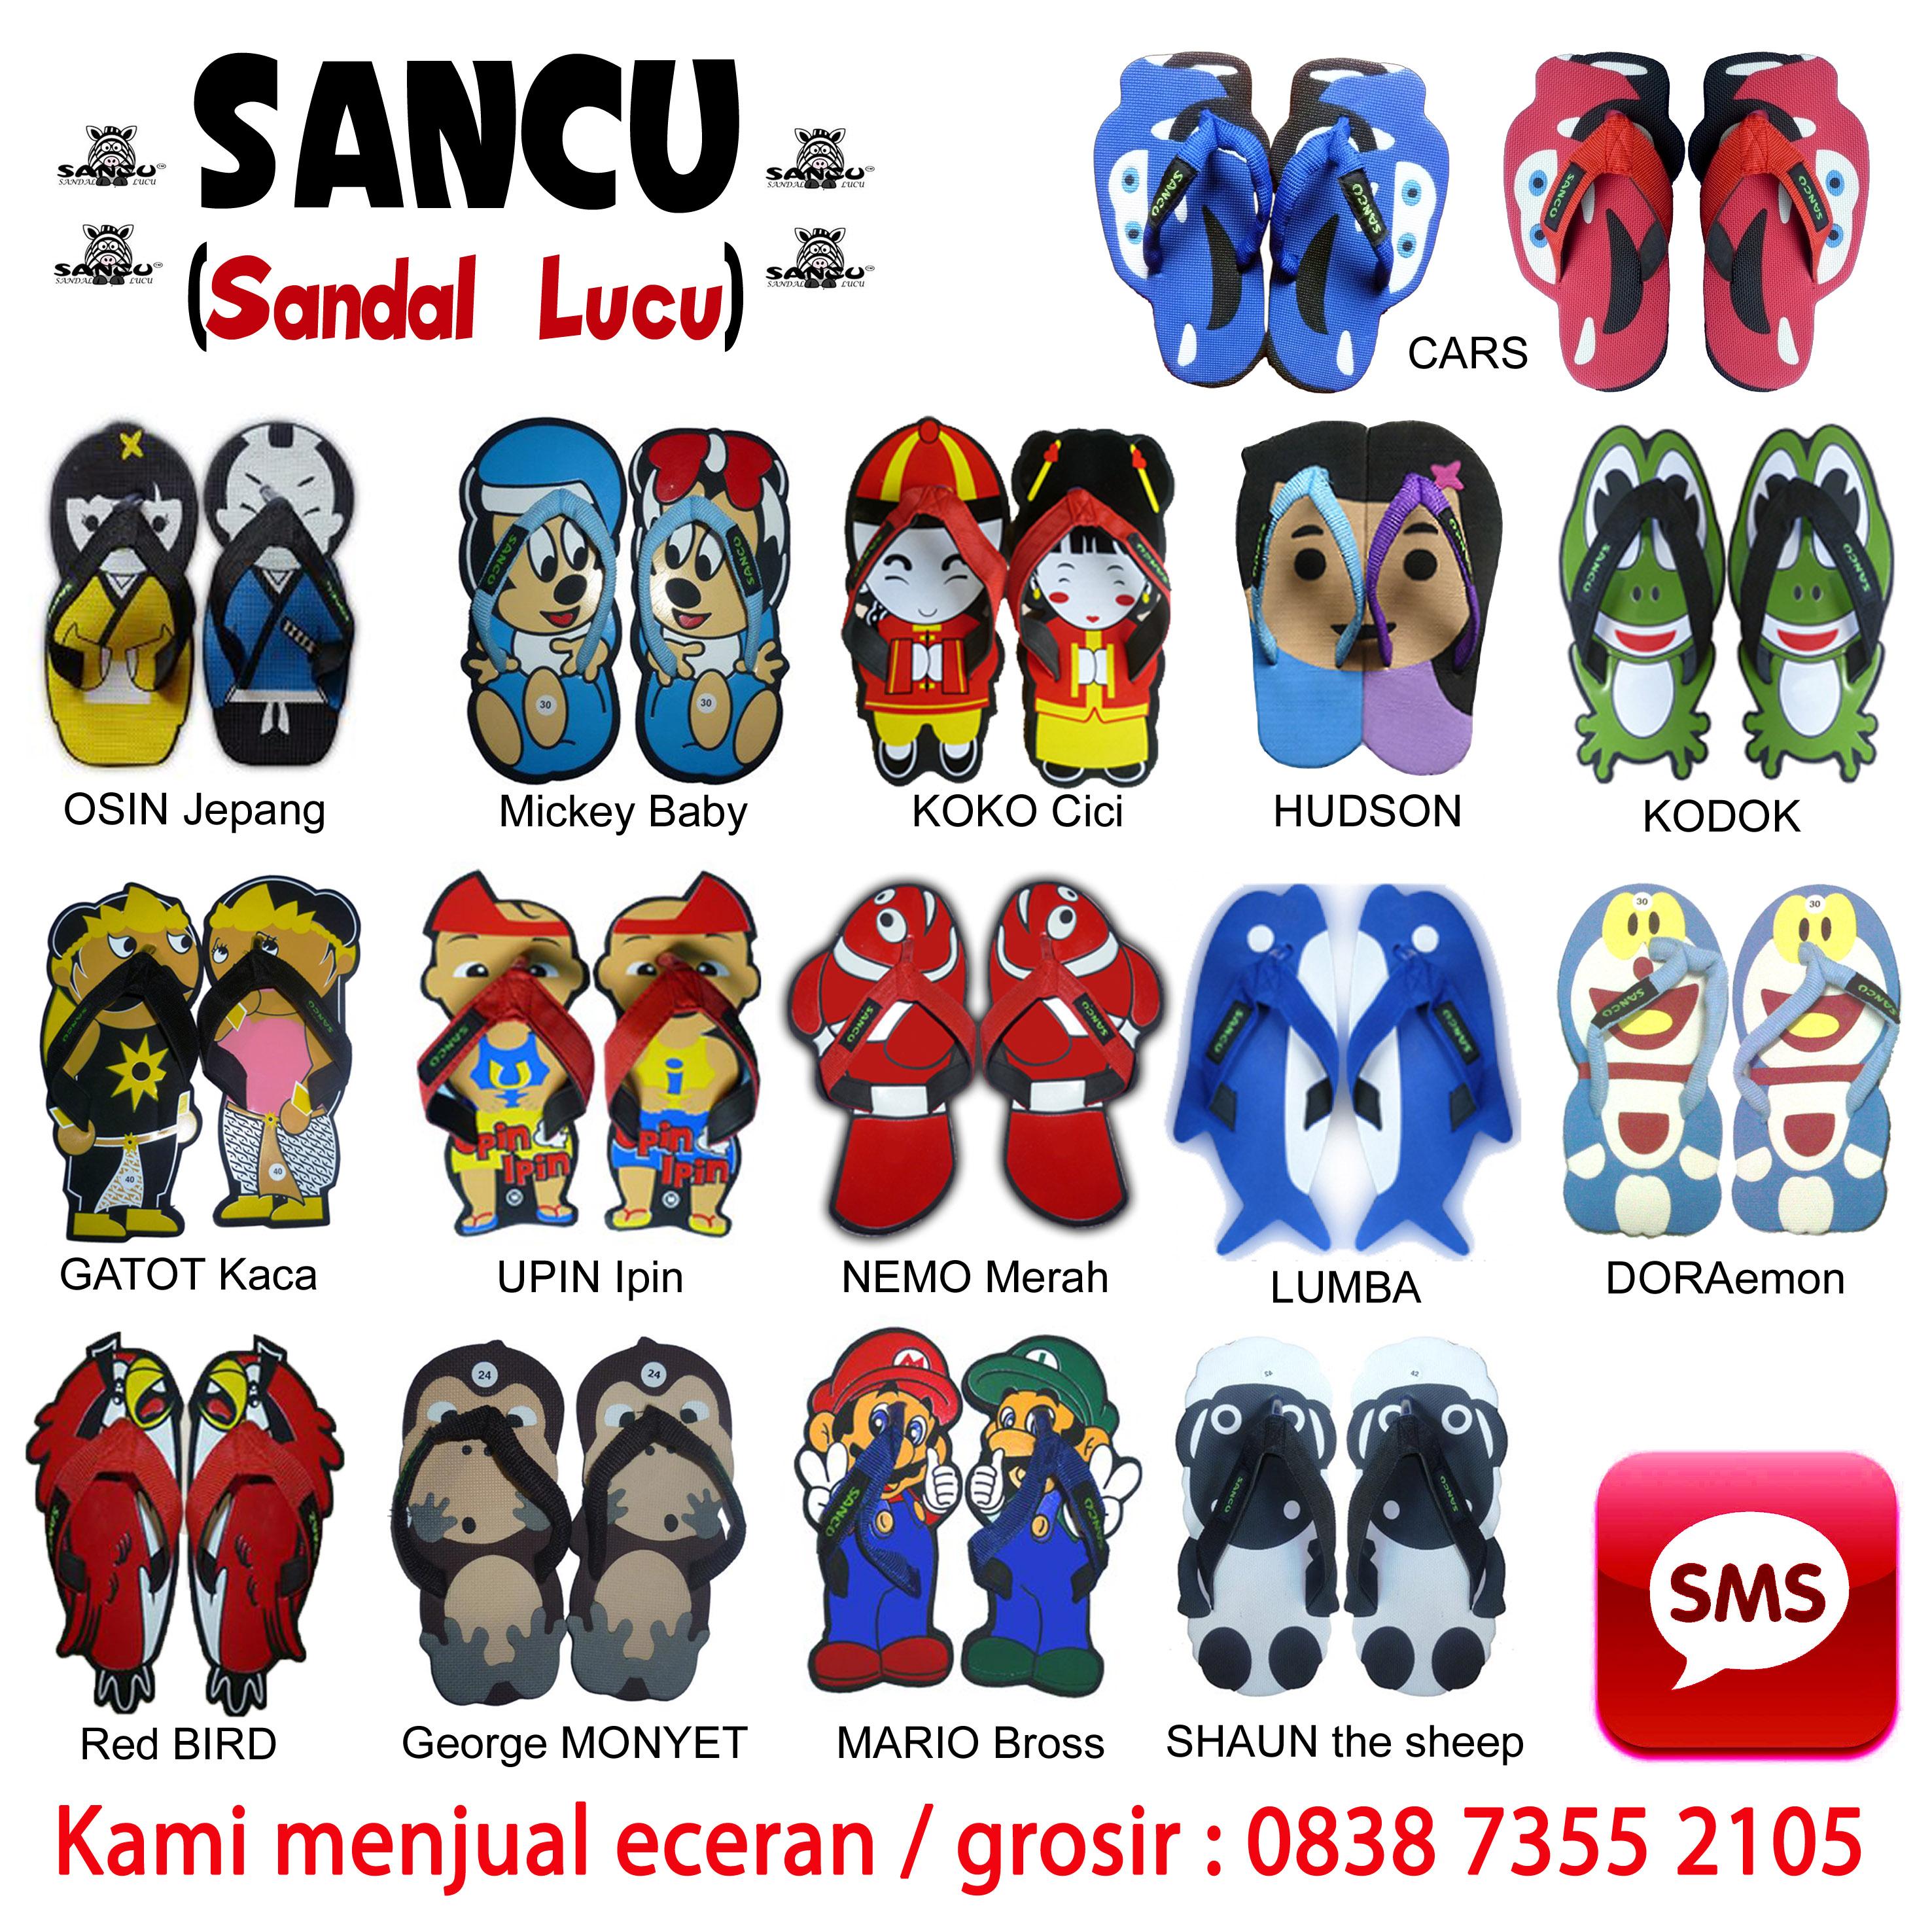 Elang Yudantoro Jual Sandal SANCU Murah WA 0812 9499 1685